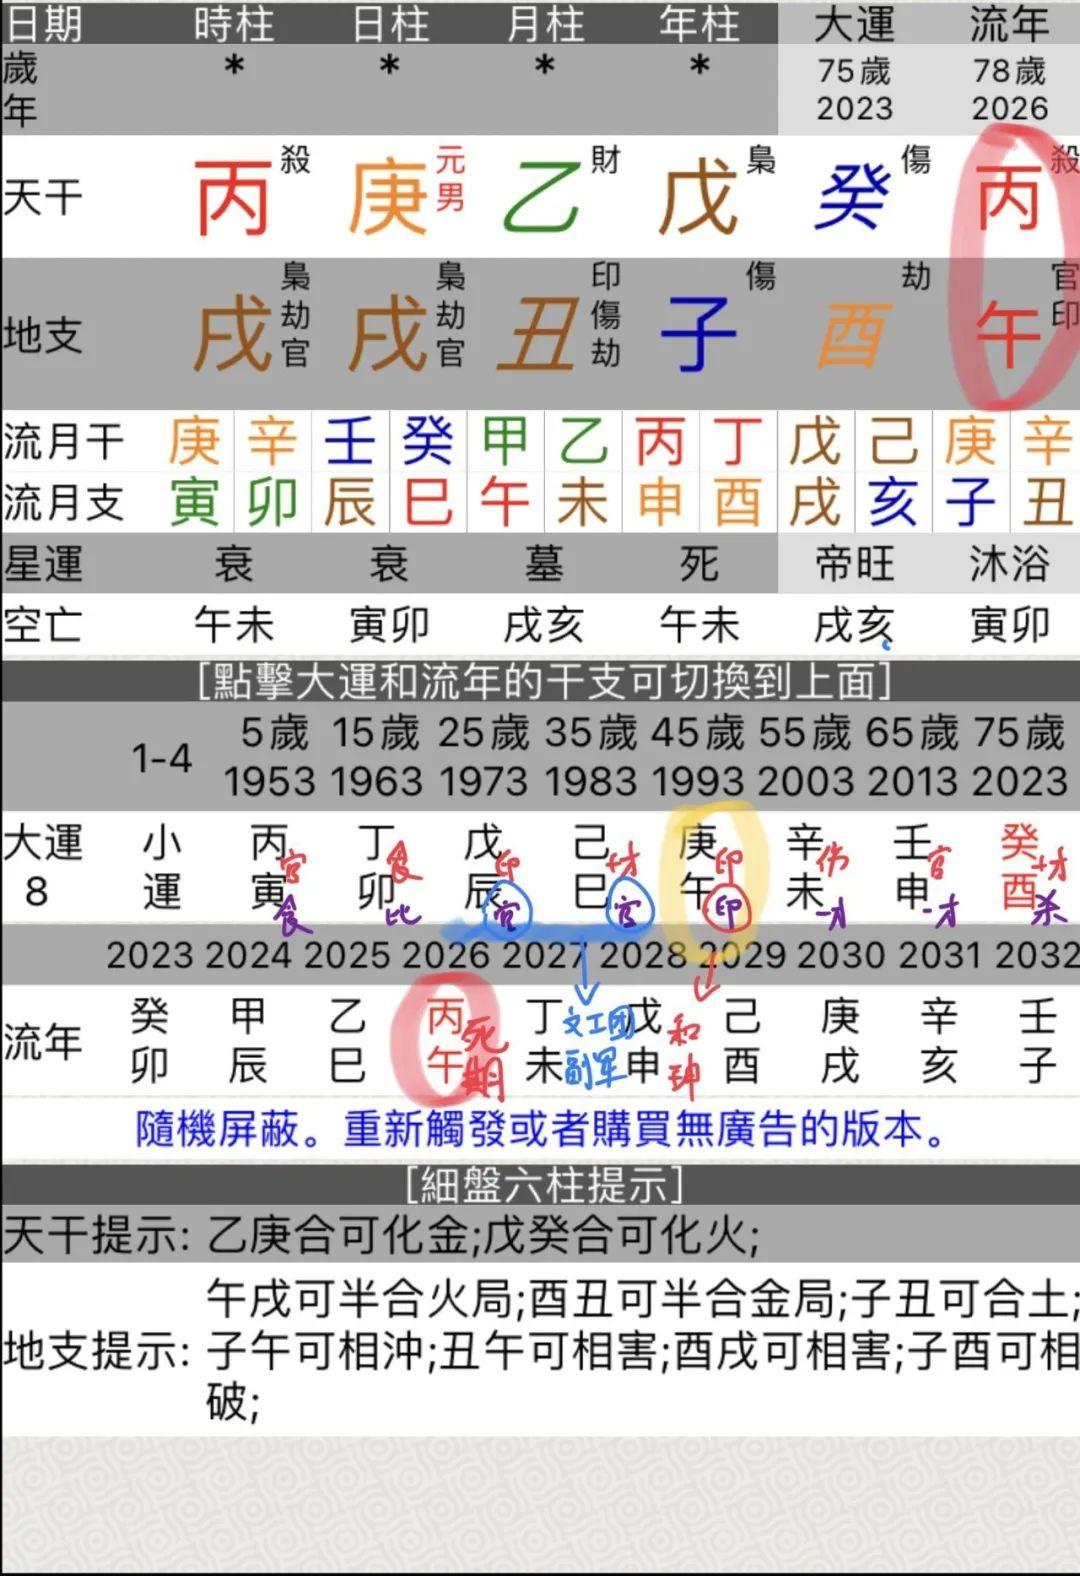 从自创的数字八字看王刚的寿命